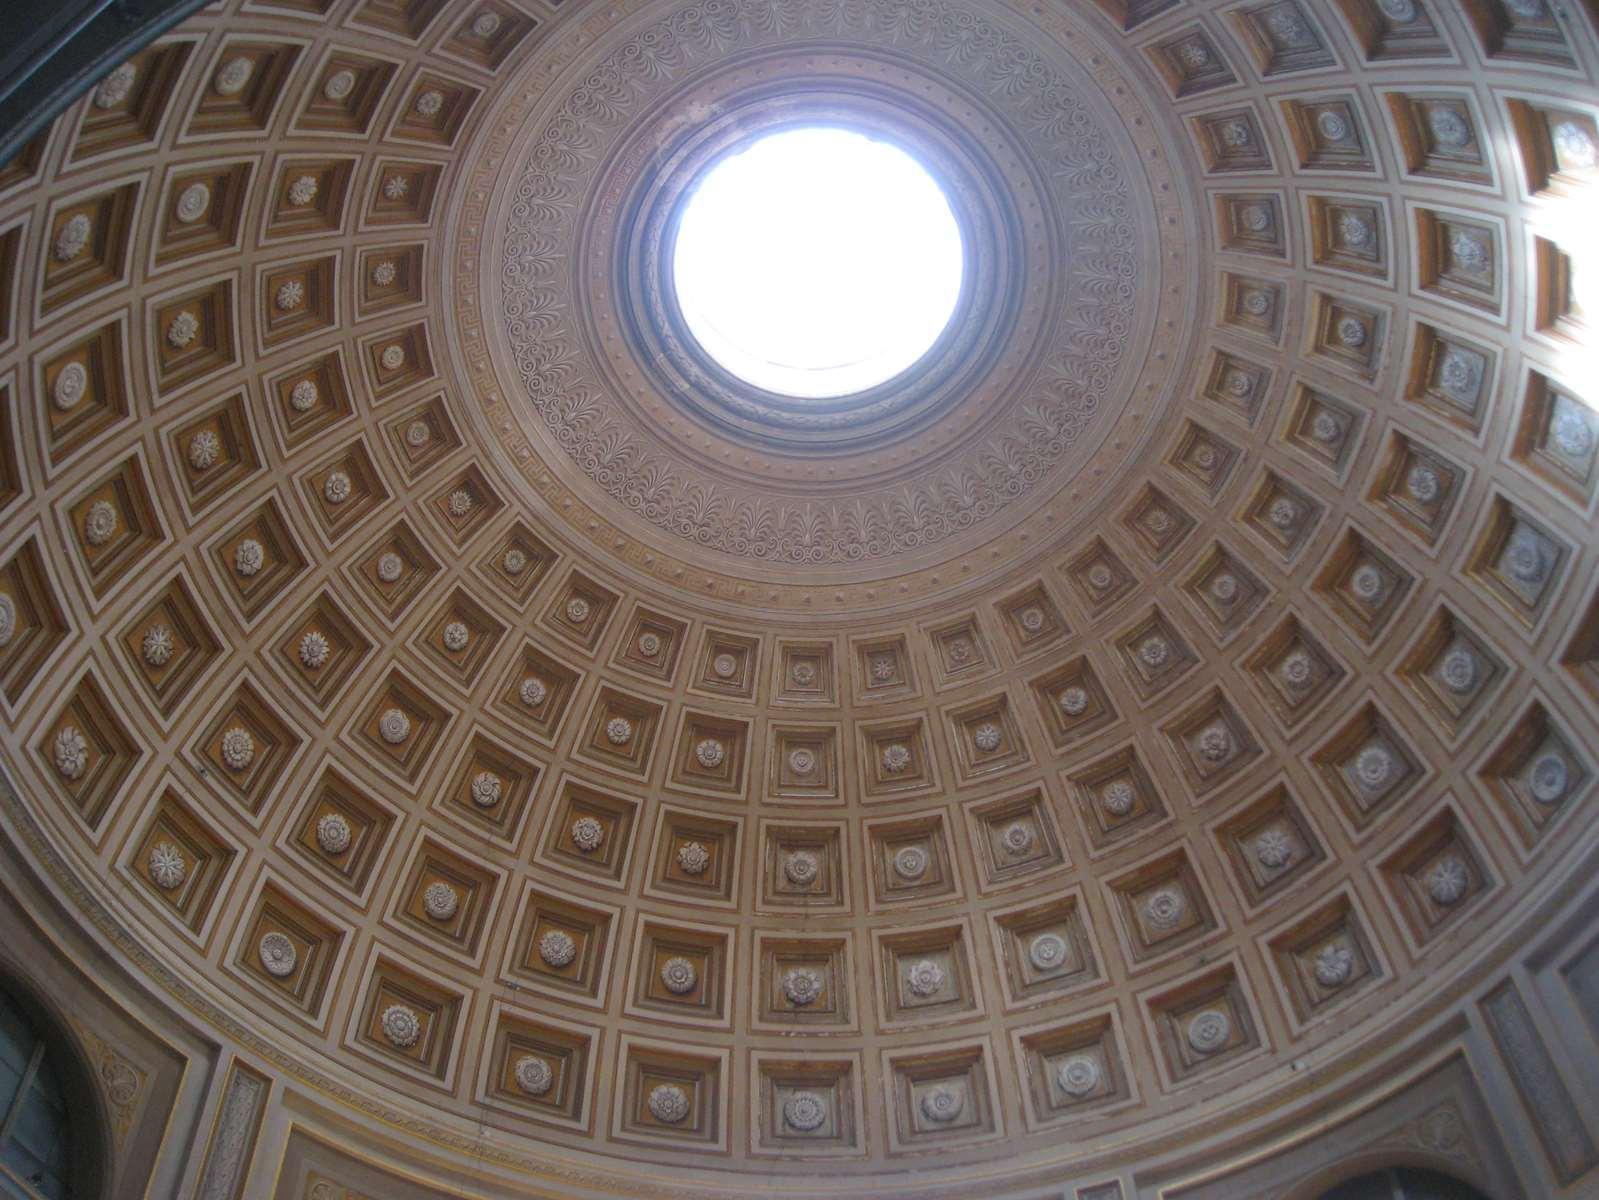 Italie - Rome - Vatican - Claironyva